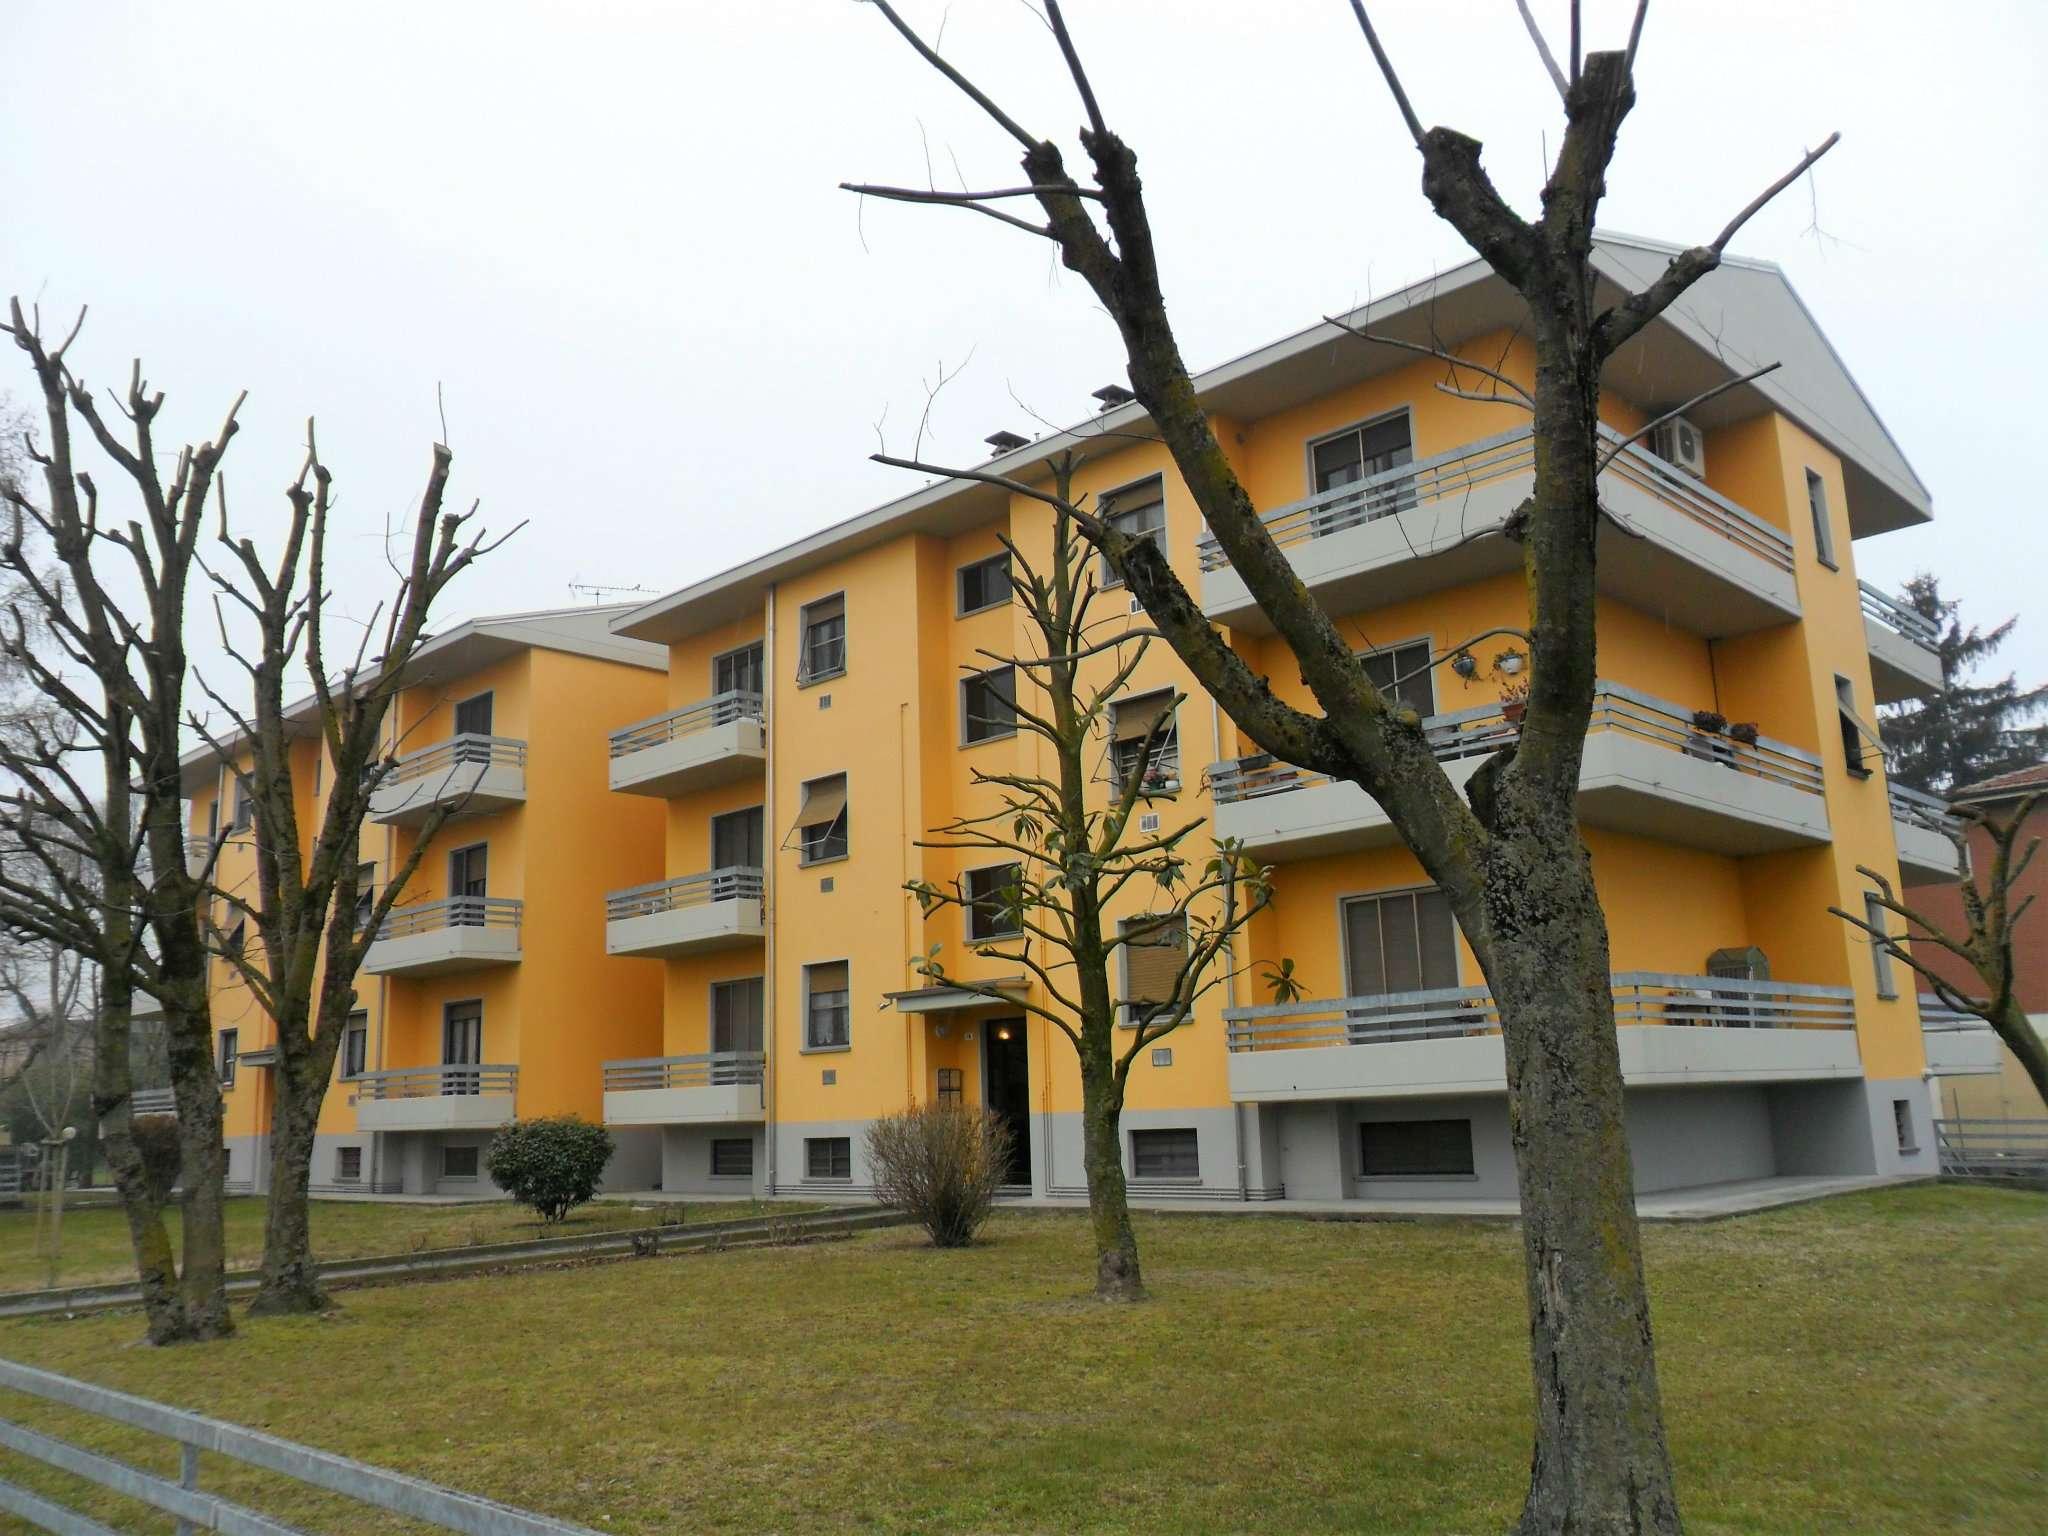 Appartamento in vendita a Soragna, 3 locali, prezzo € 119.000 | Cambio Casa.it